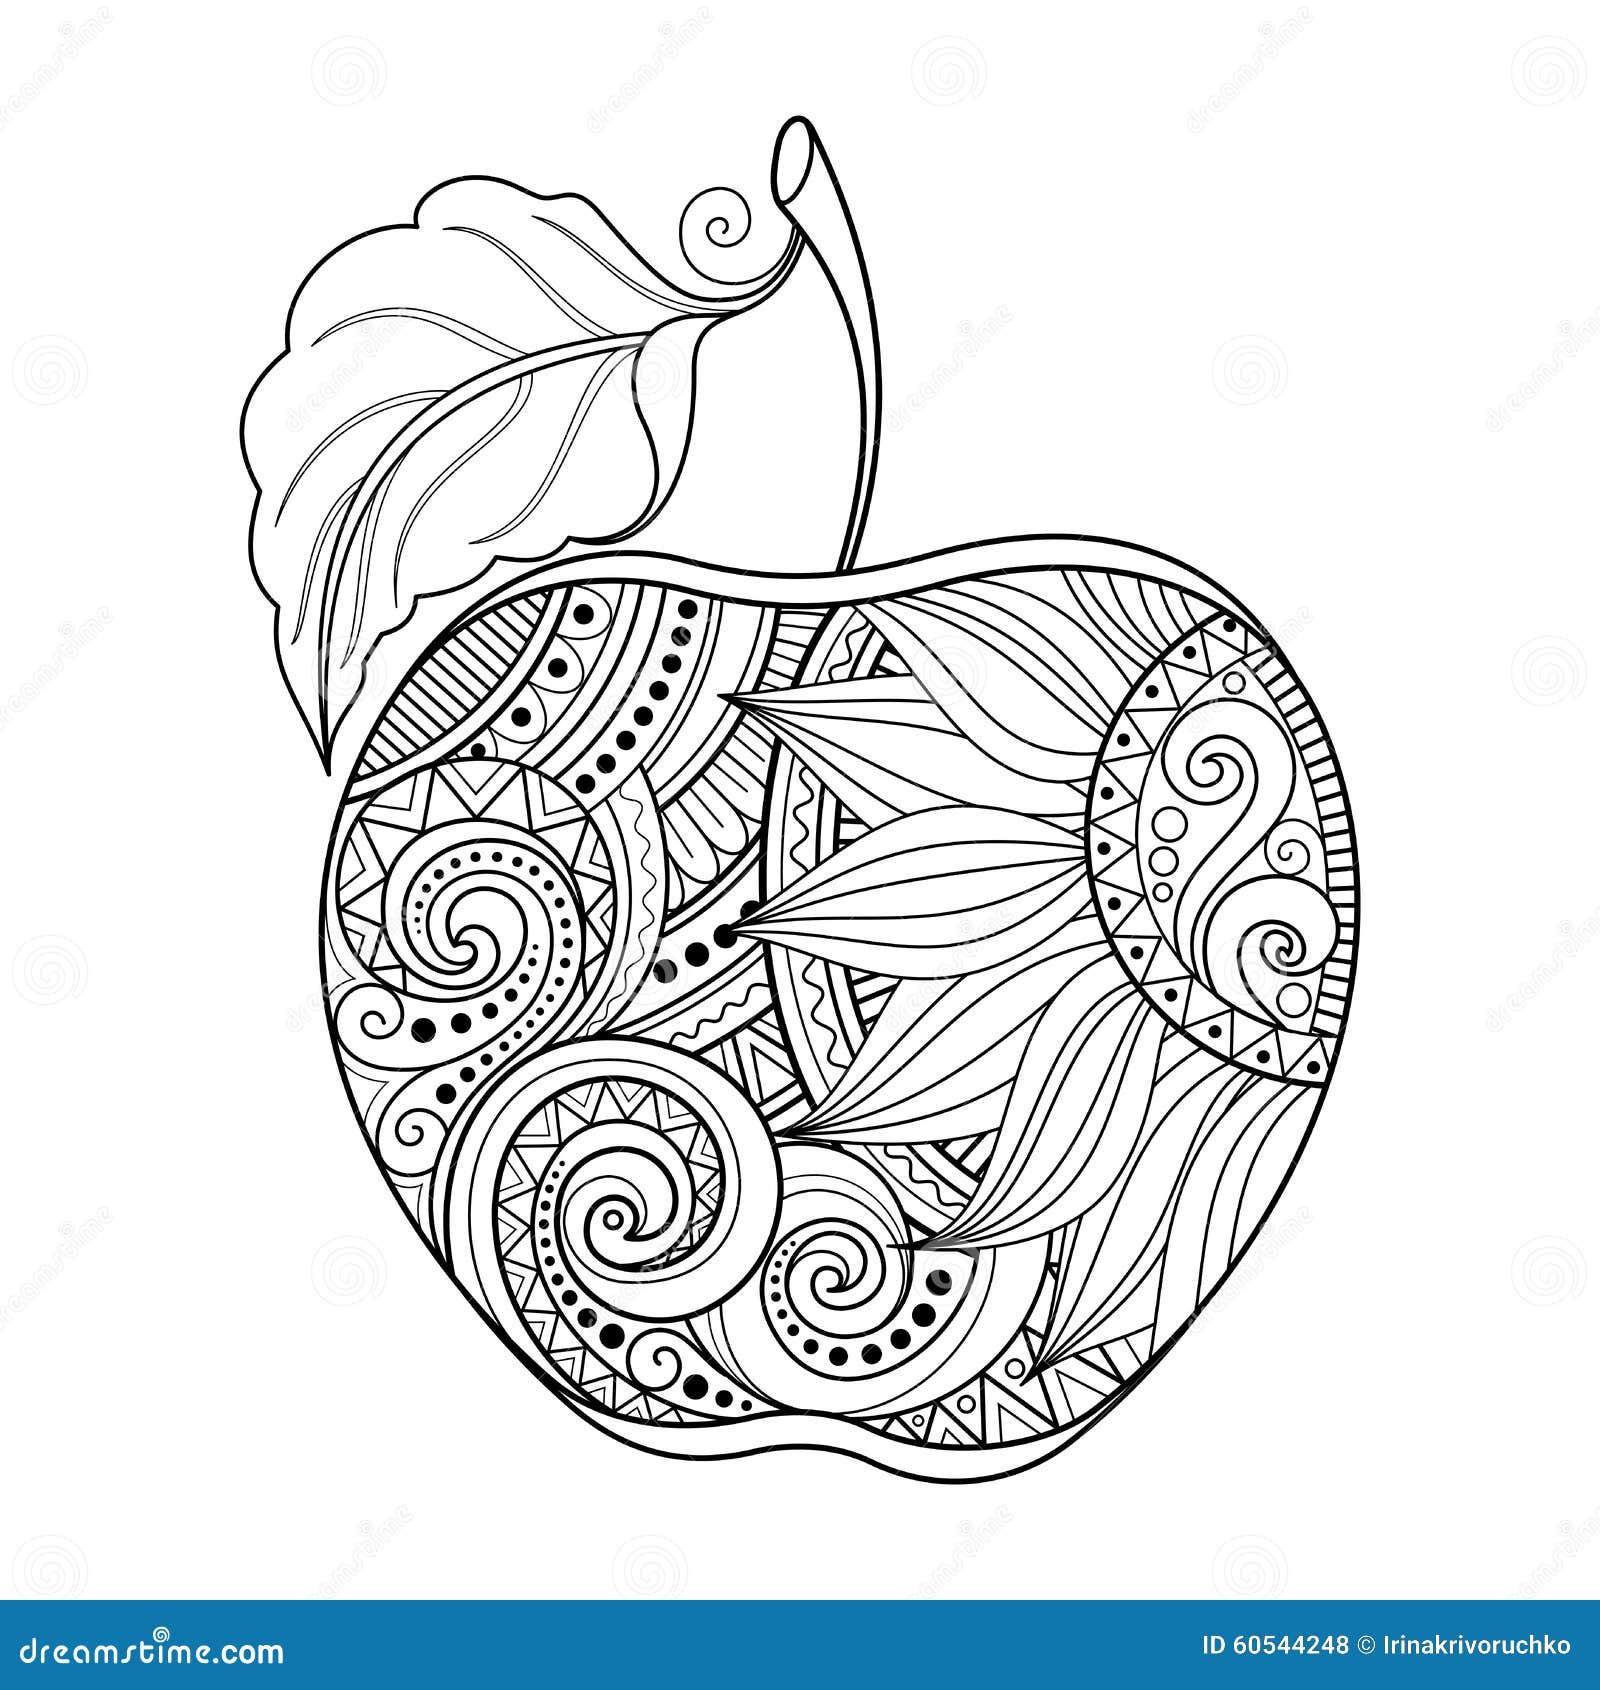 Contour Line Drawing Apple : Vector monochrome contour apple stock image